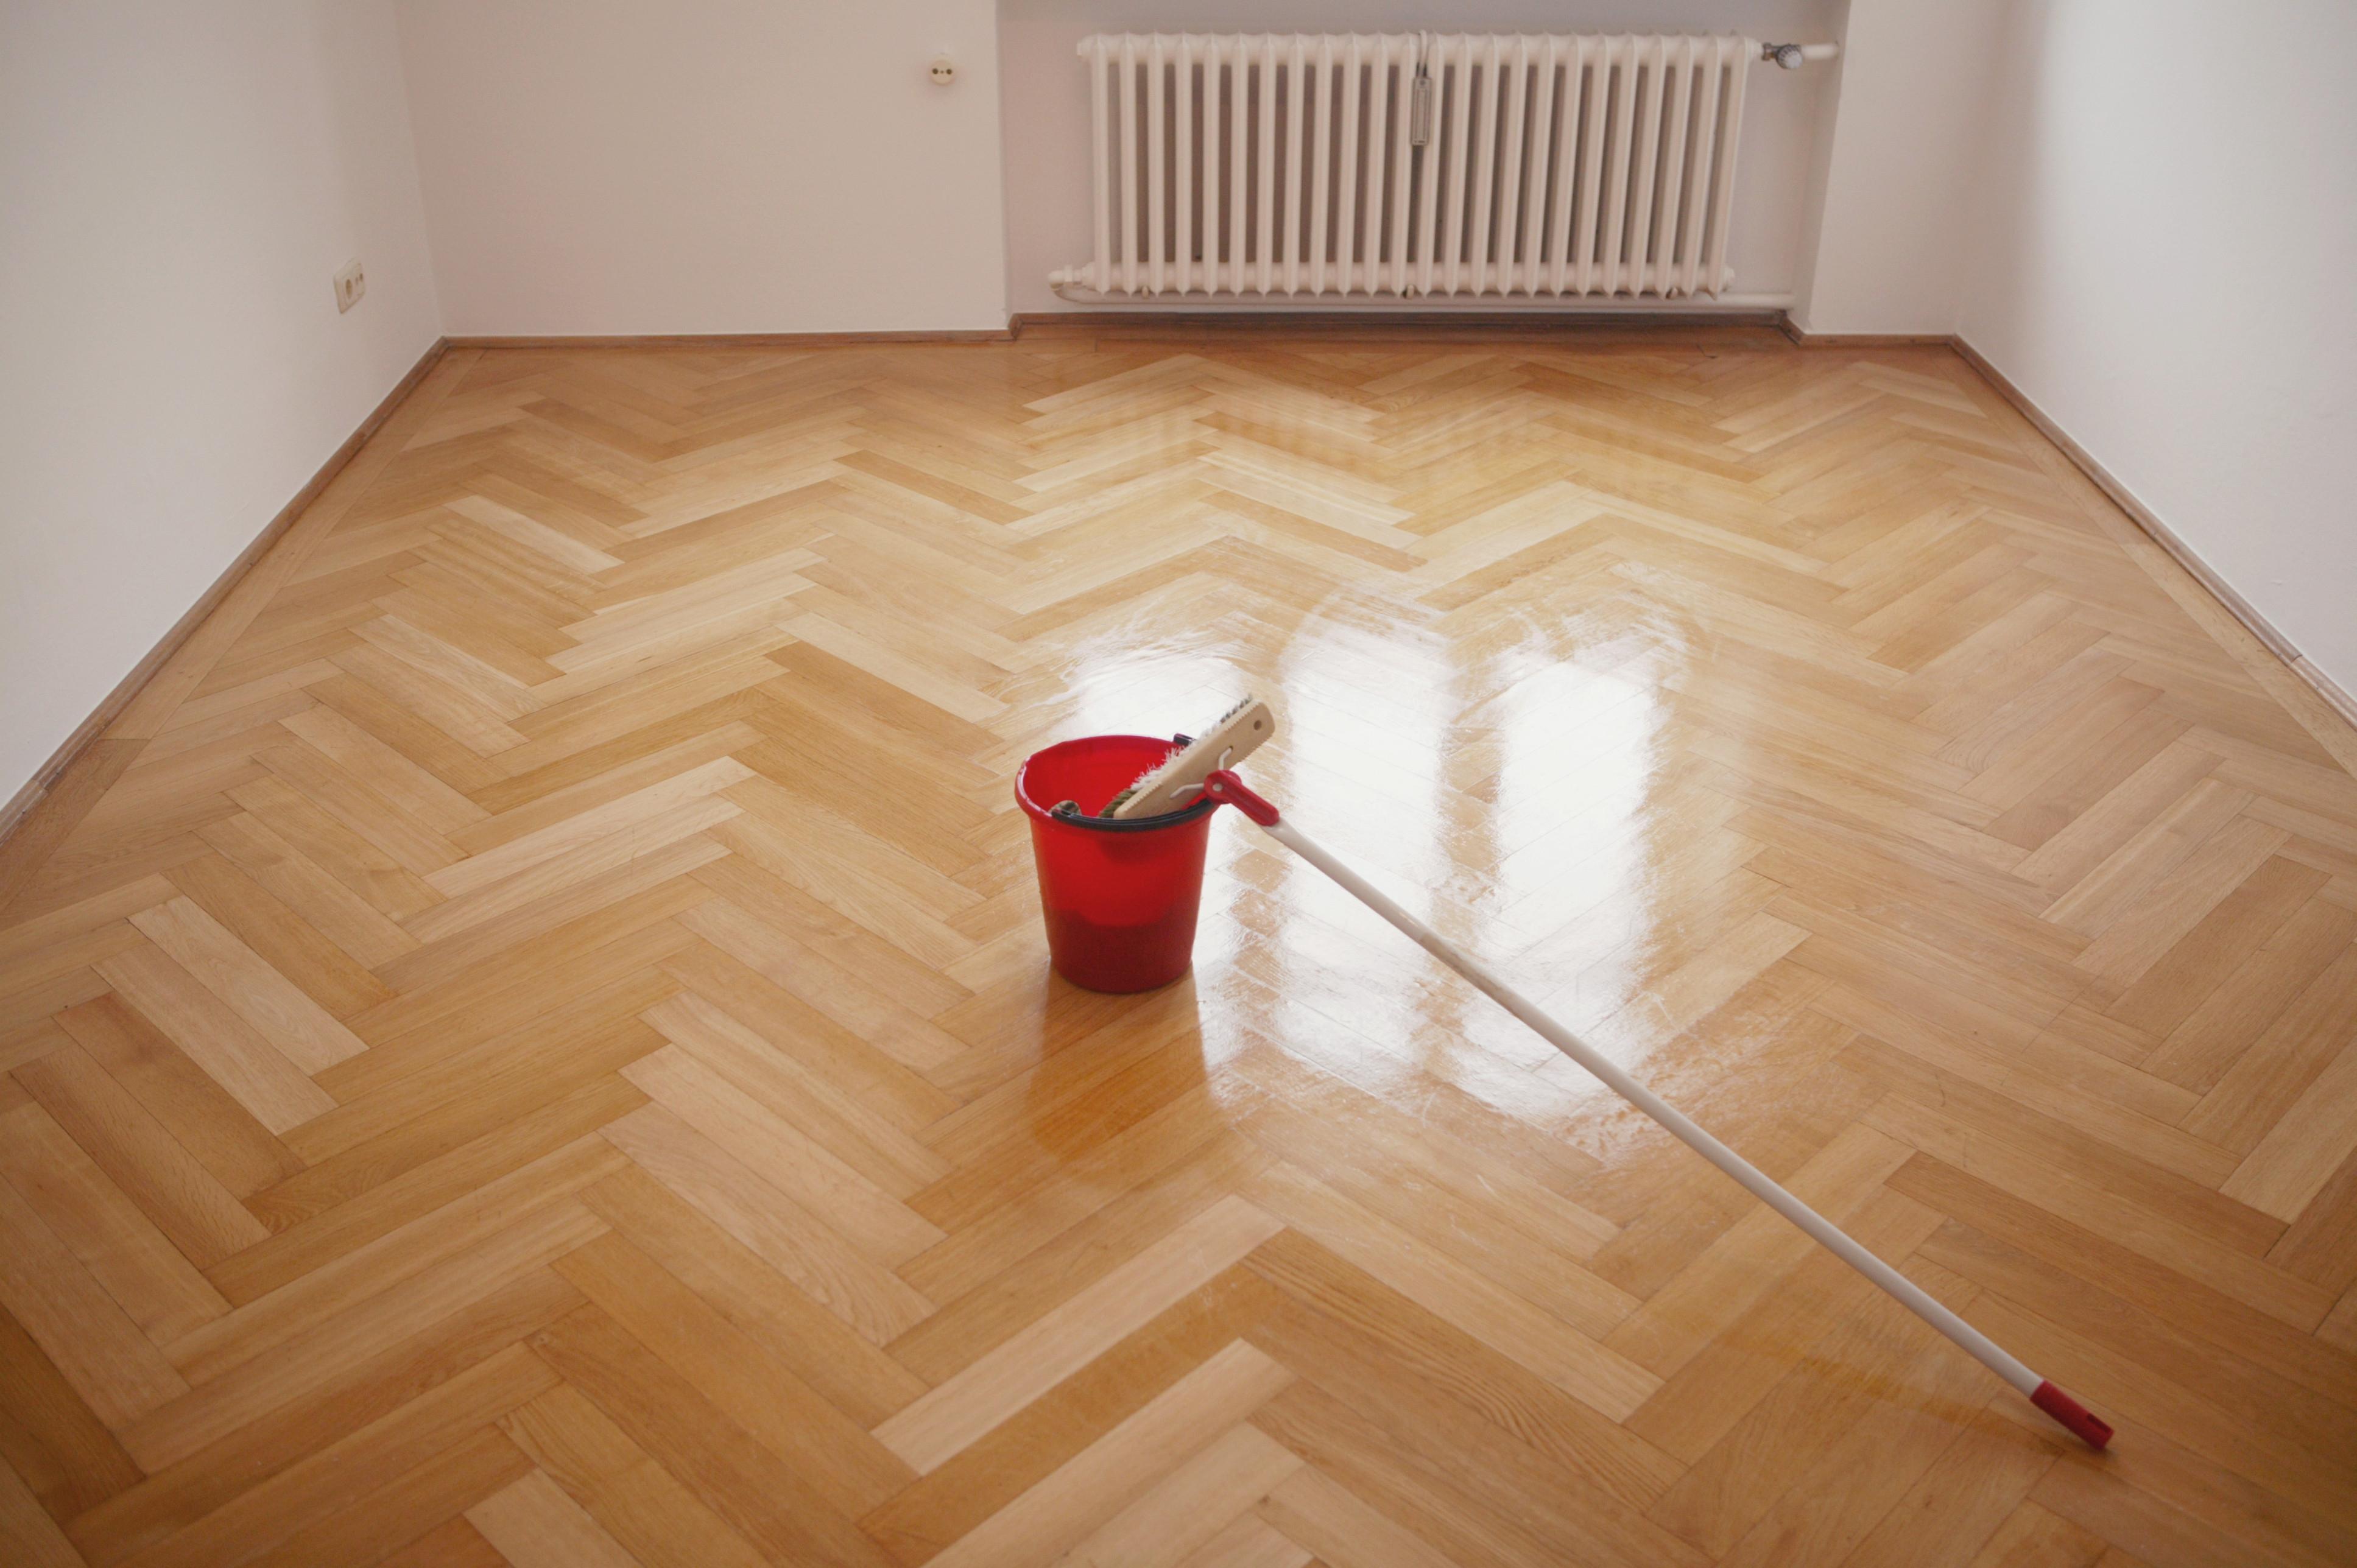 plastic laminate flooring QJBJMLE